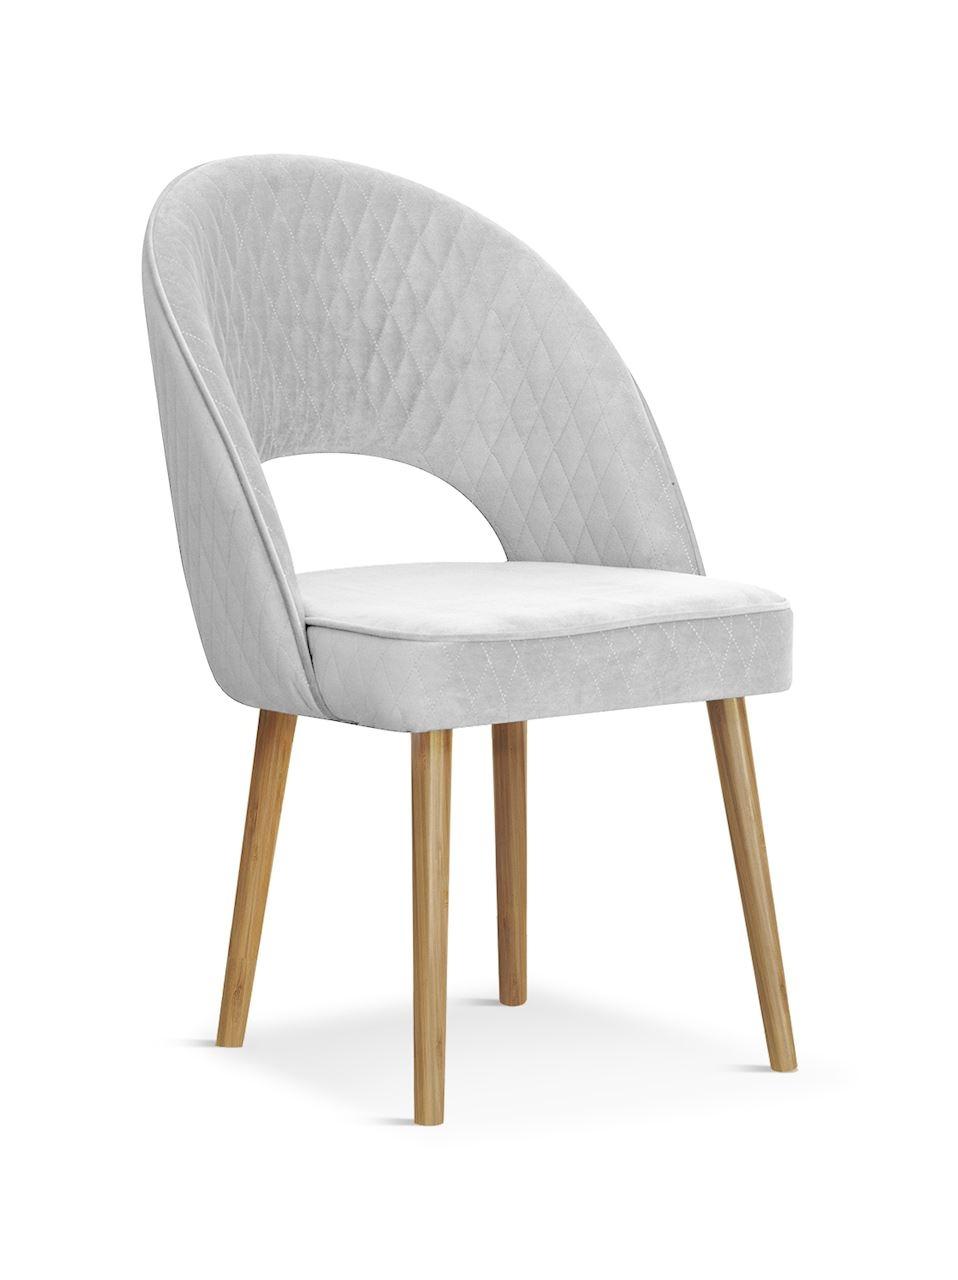 Scaun tapitat cu stofa, cu picioare din lemn Ponte Silver / Oak, l56xA63xH89 cm